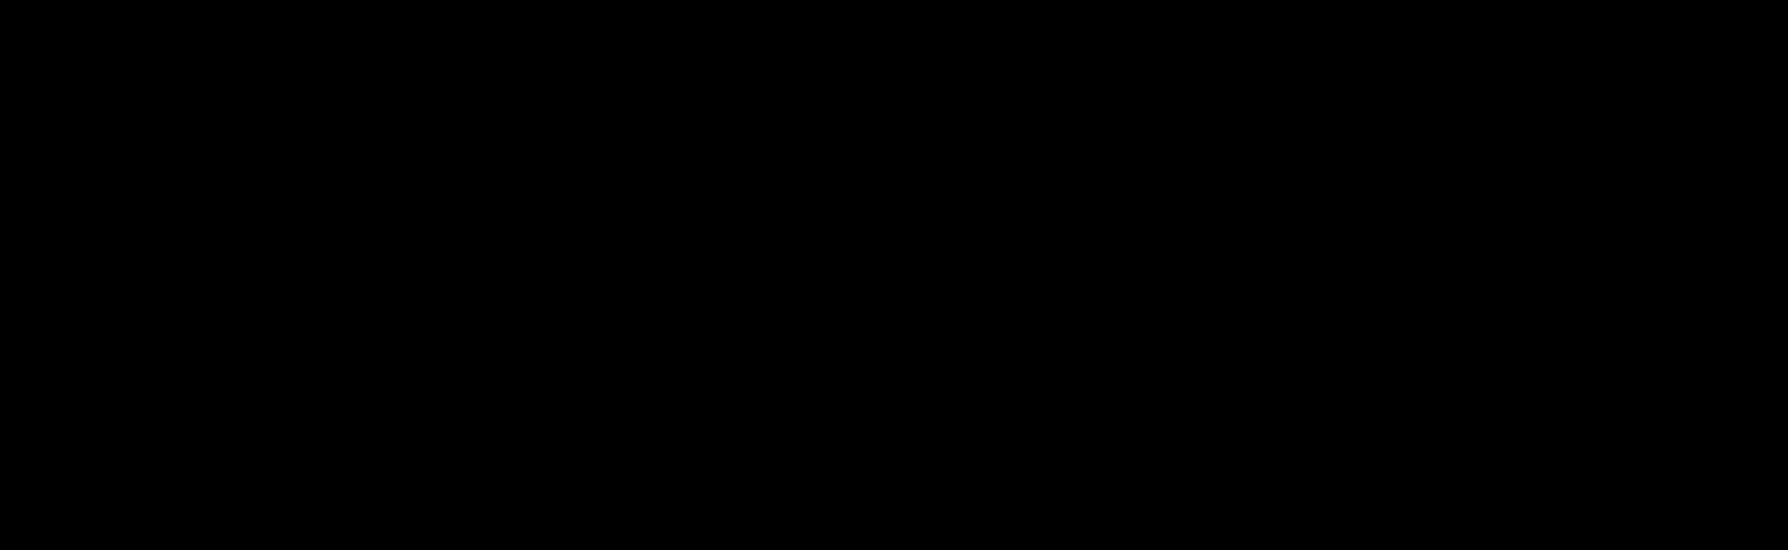 Oleoylethanolamine-d<sub>4</sub>